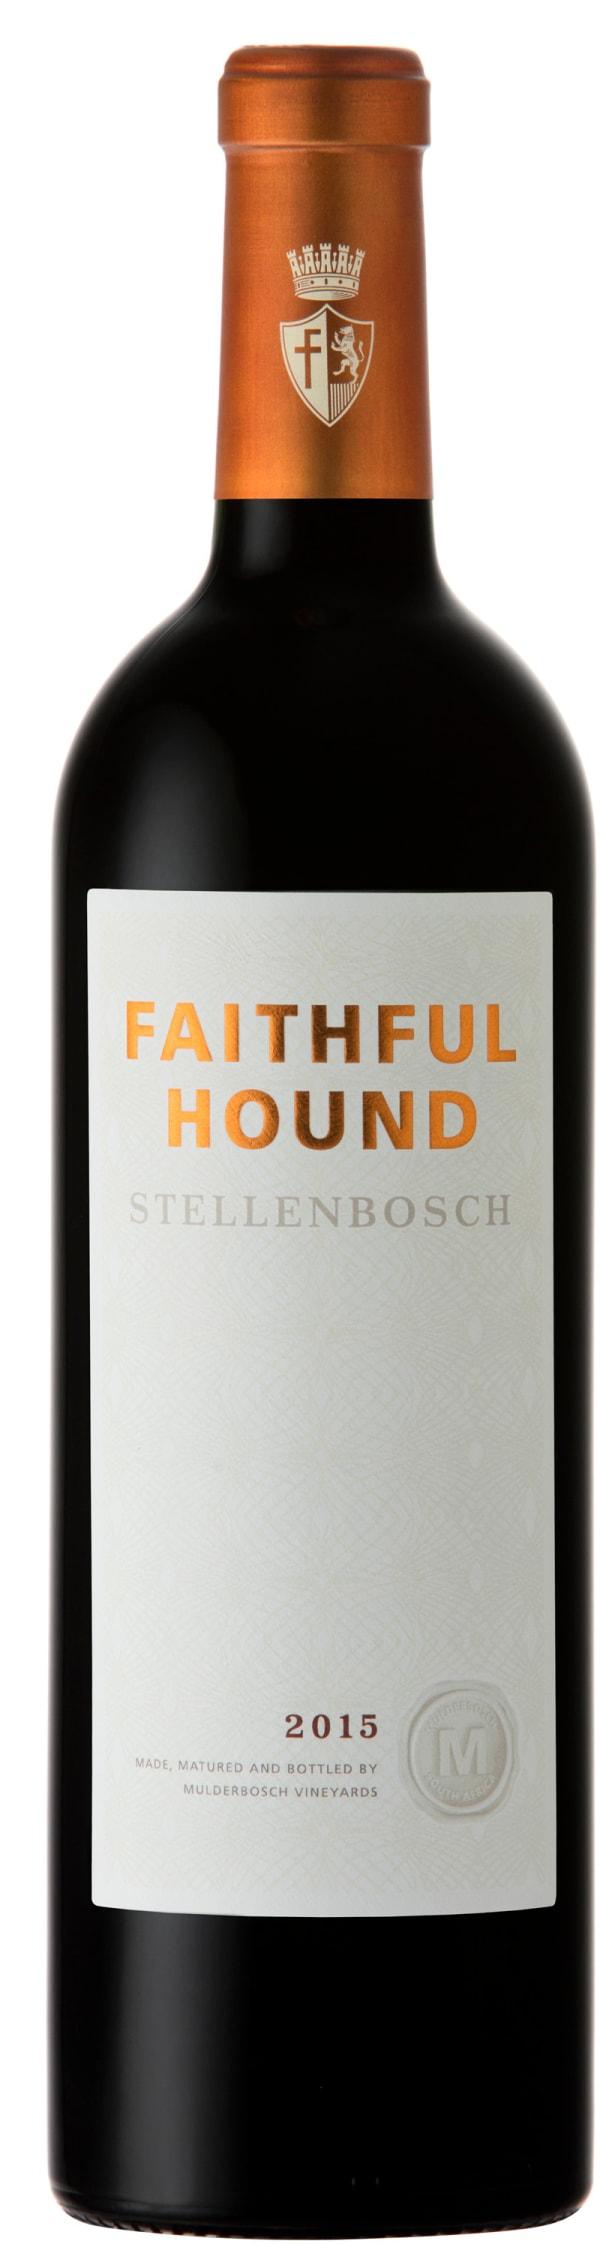 Mulderbosch Faithful Hound 2015